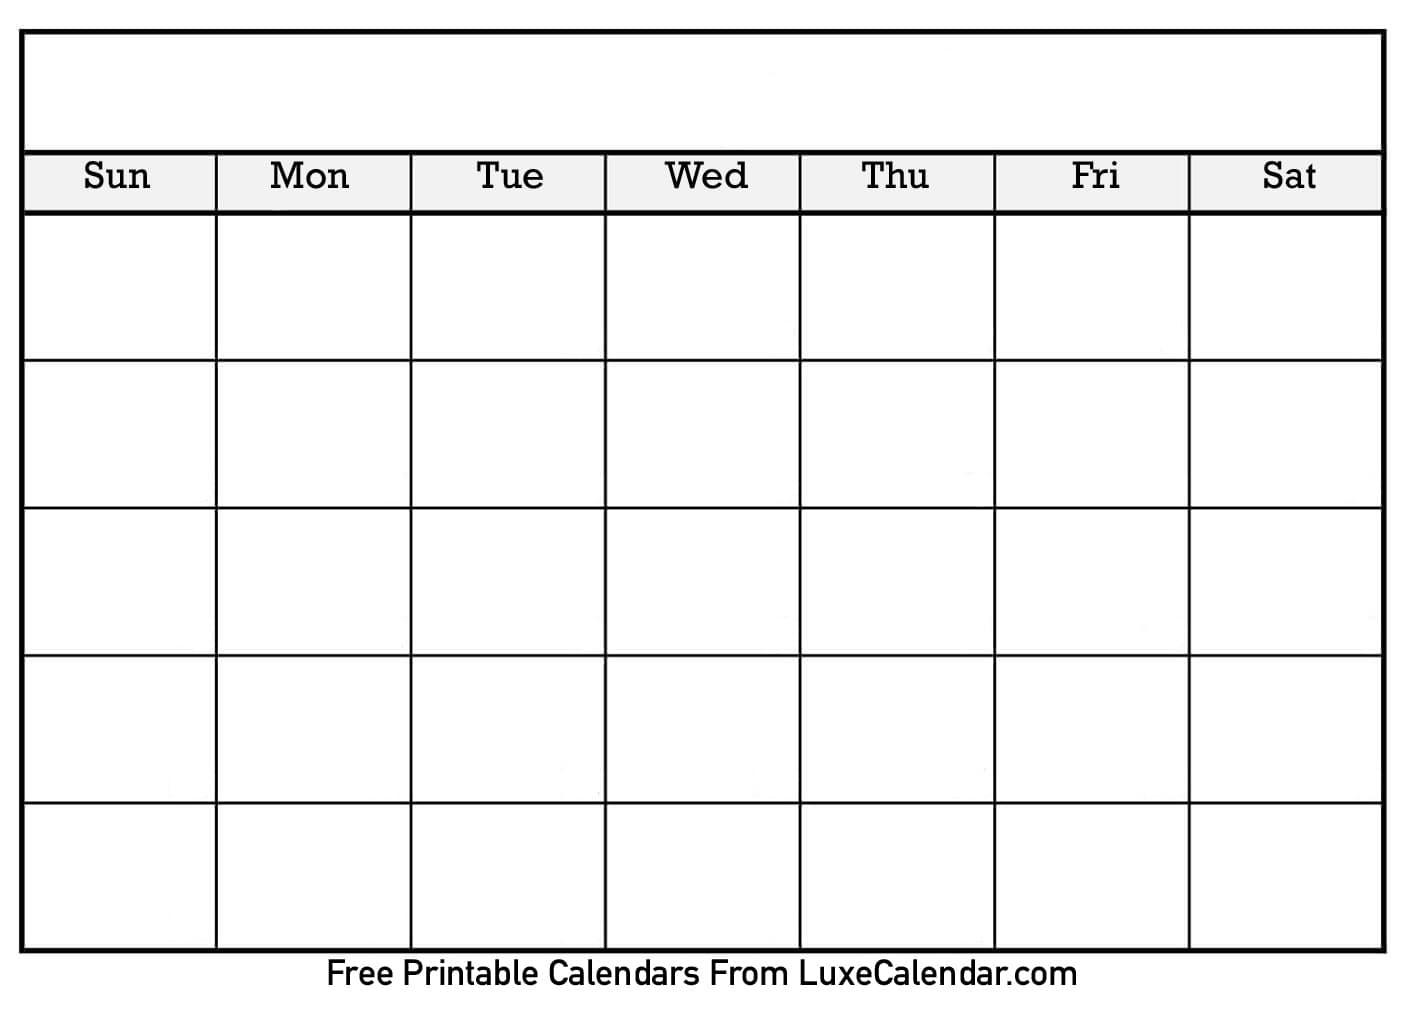 Blank Printable Calendar - Luxe Calendar regarding Free Printable Calendar Templates Month